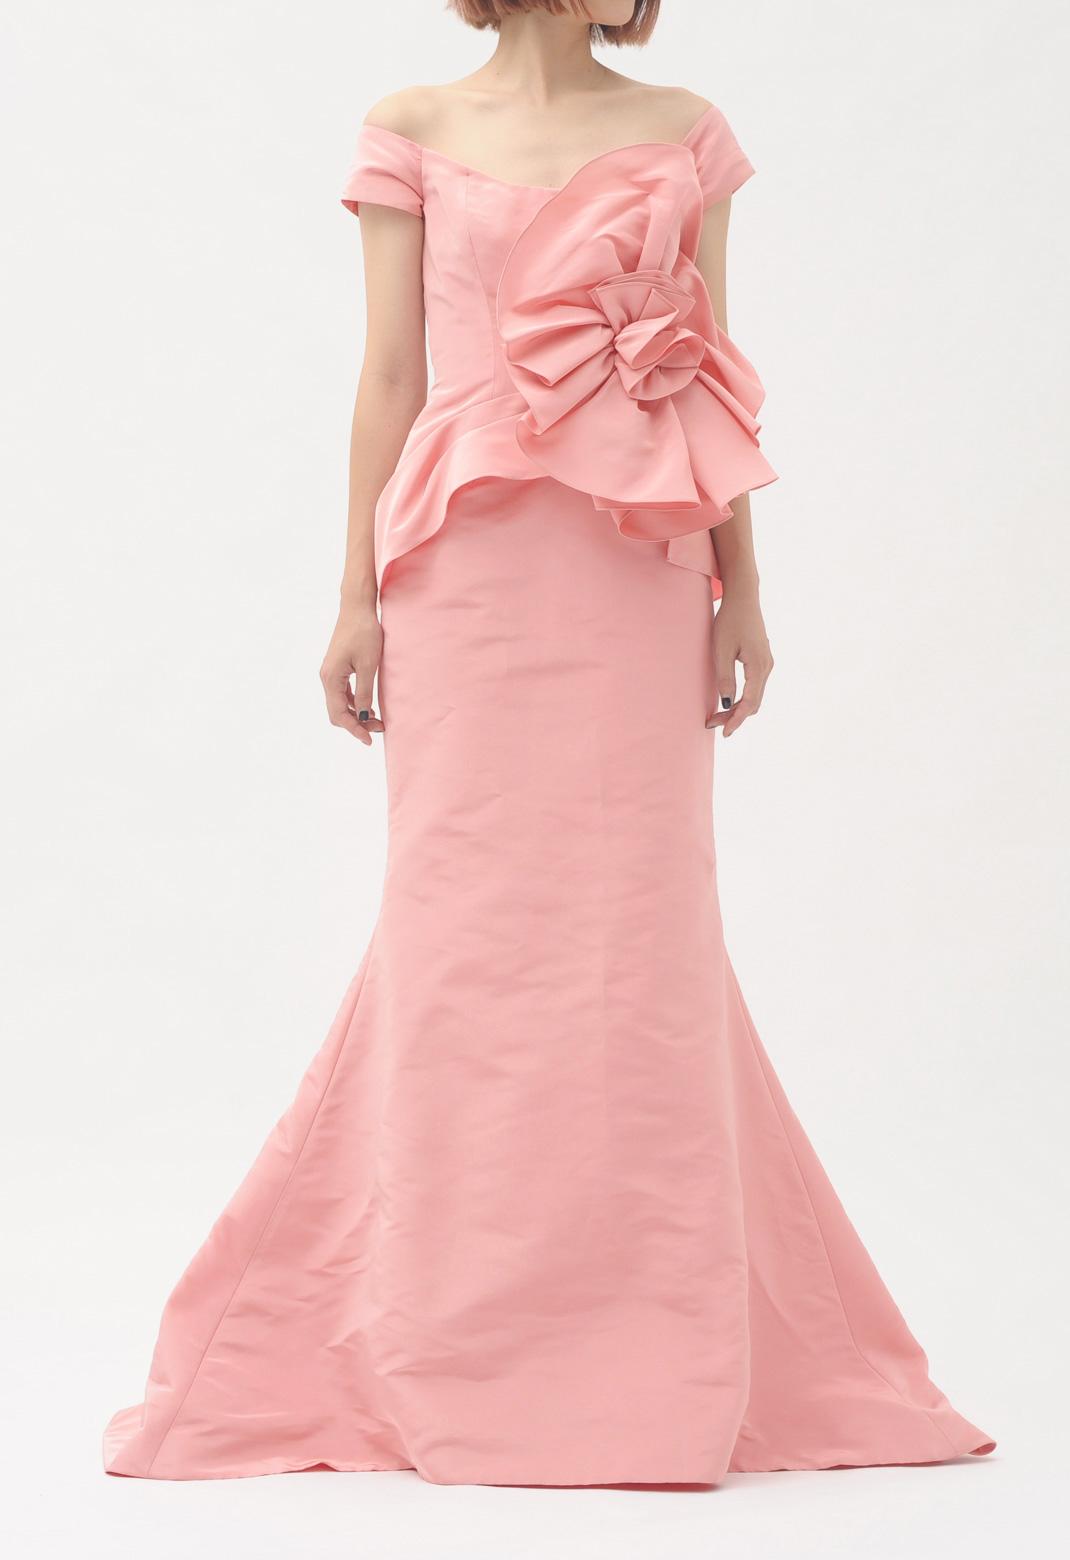 オスカーデラレンタ フラワーモチーフ オフショルダー ロング ドレス